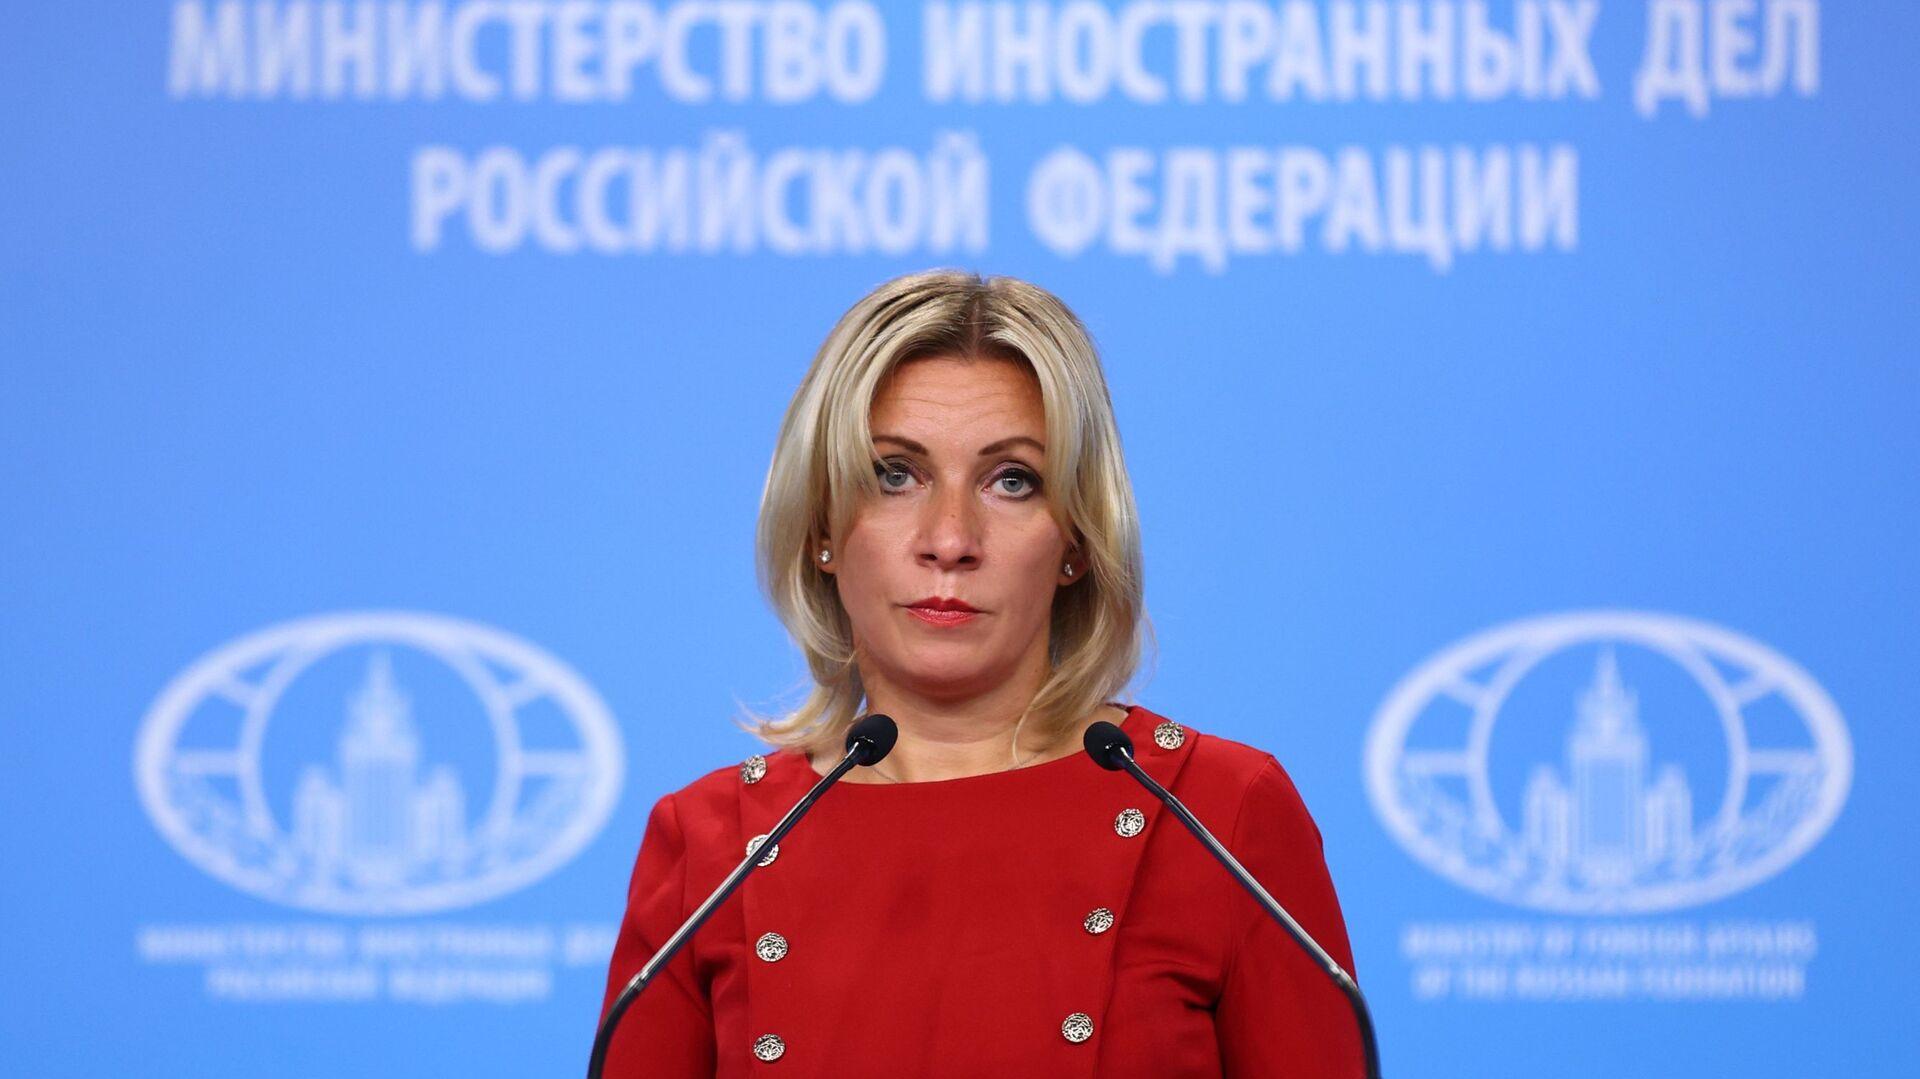 María Zajárova, portavoz de la Cancillería rusa - Sputnik Mundo, 1920, 23.04.2021